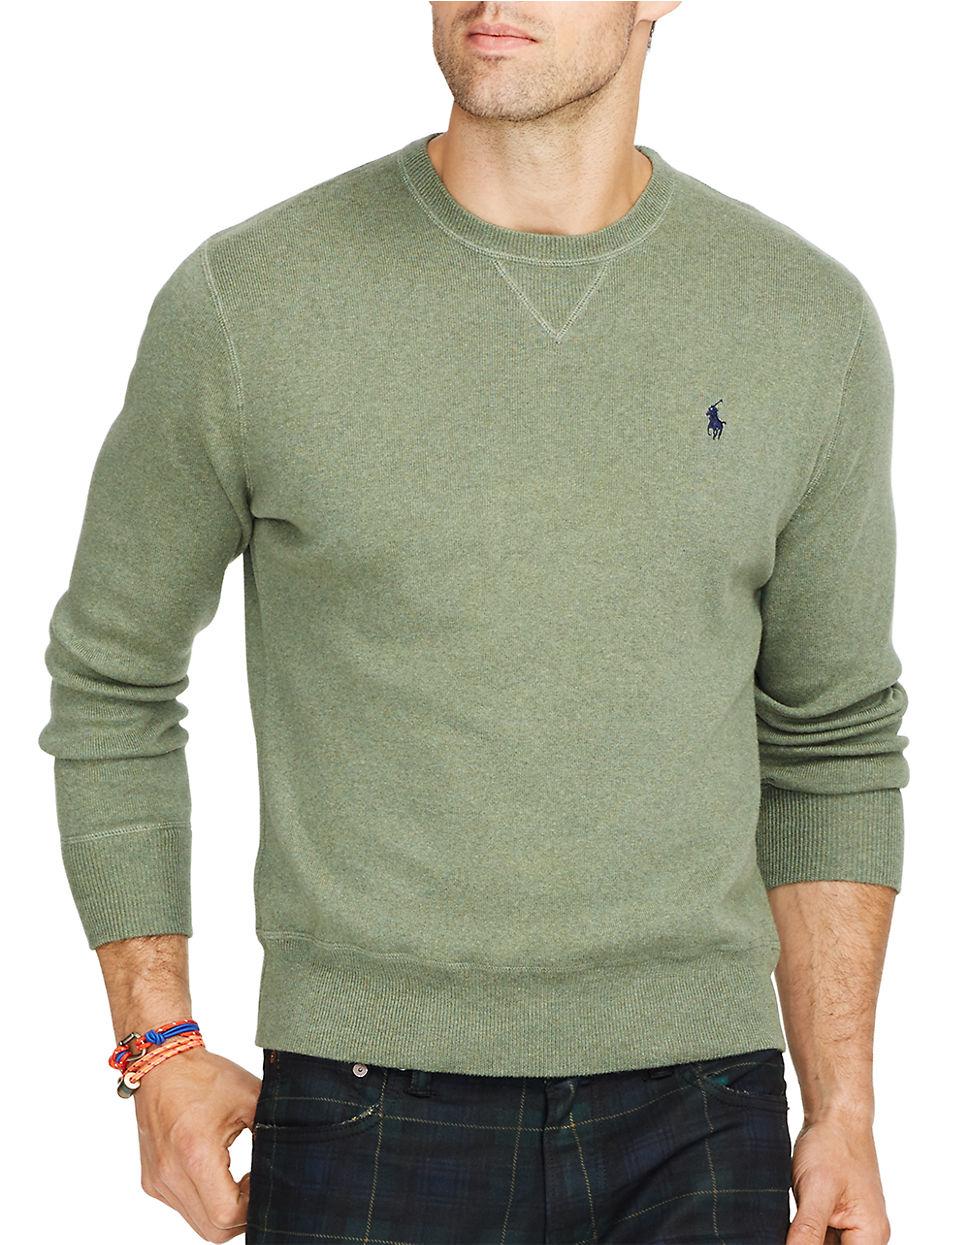 polo ralph lauren crewneck sweatshirt in green for men. Black Bedroom Furniture Sets. Home Design Ideas